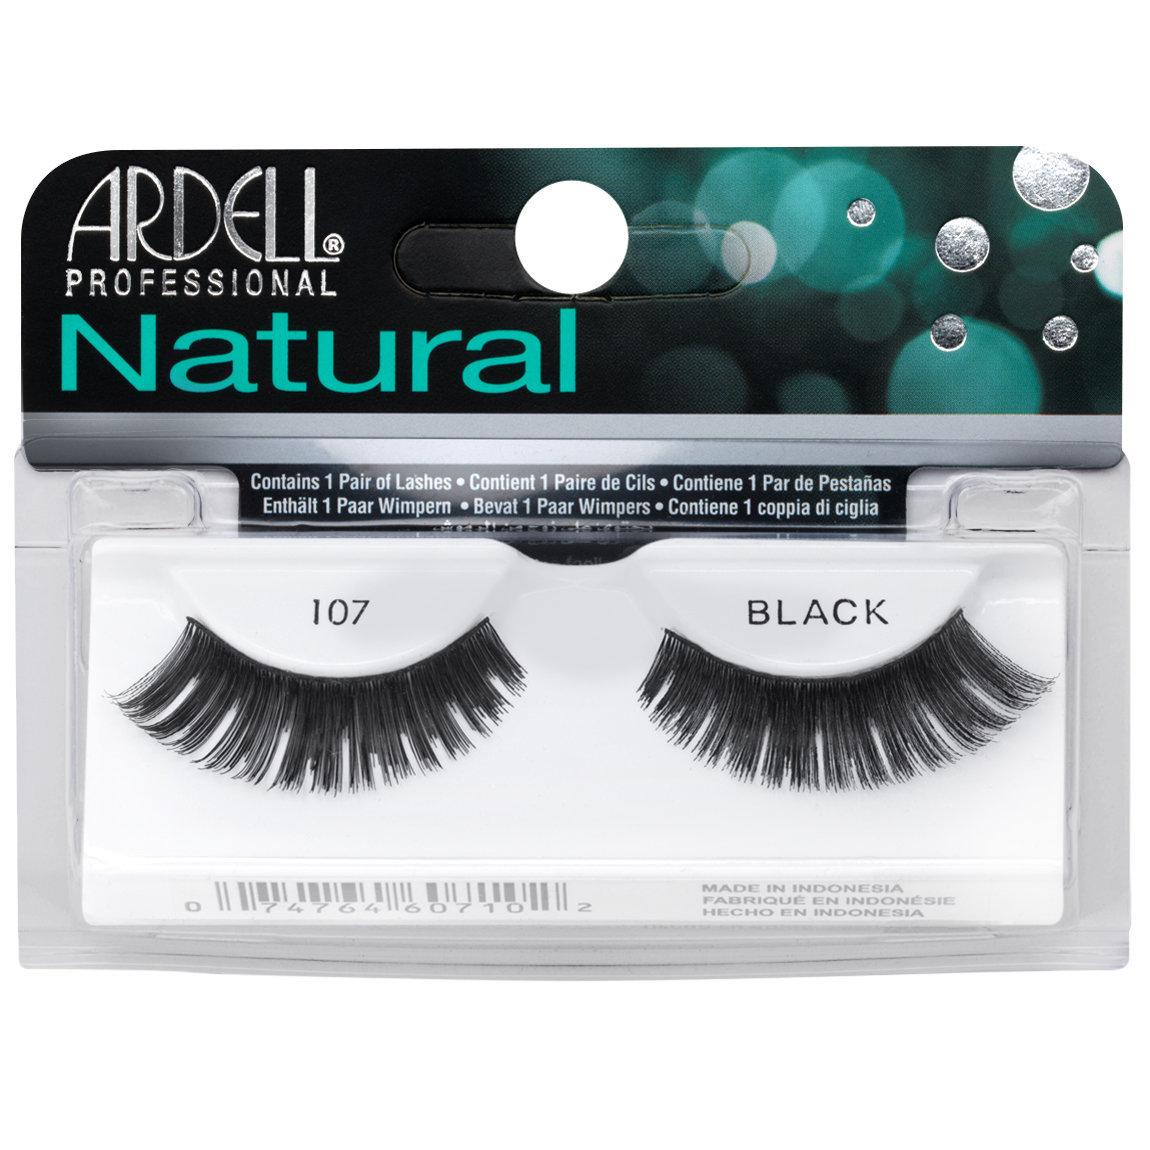 b706eb6c877 Ardell Natural Lashes 107 Black | Beautylish